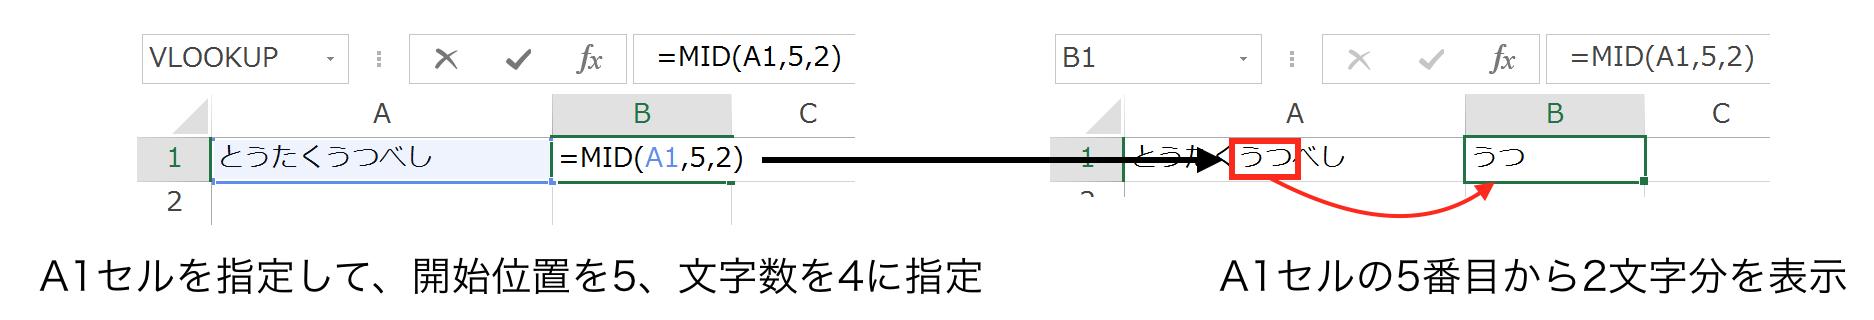 スクリーンショット 2017 04 17 18 52 51